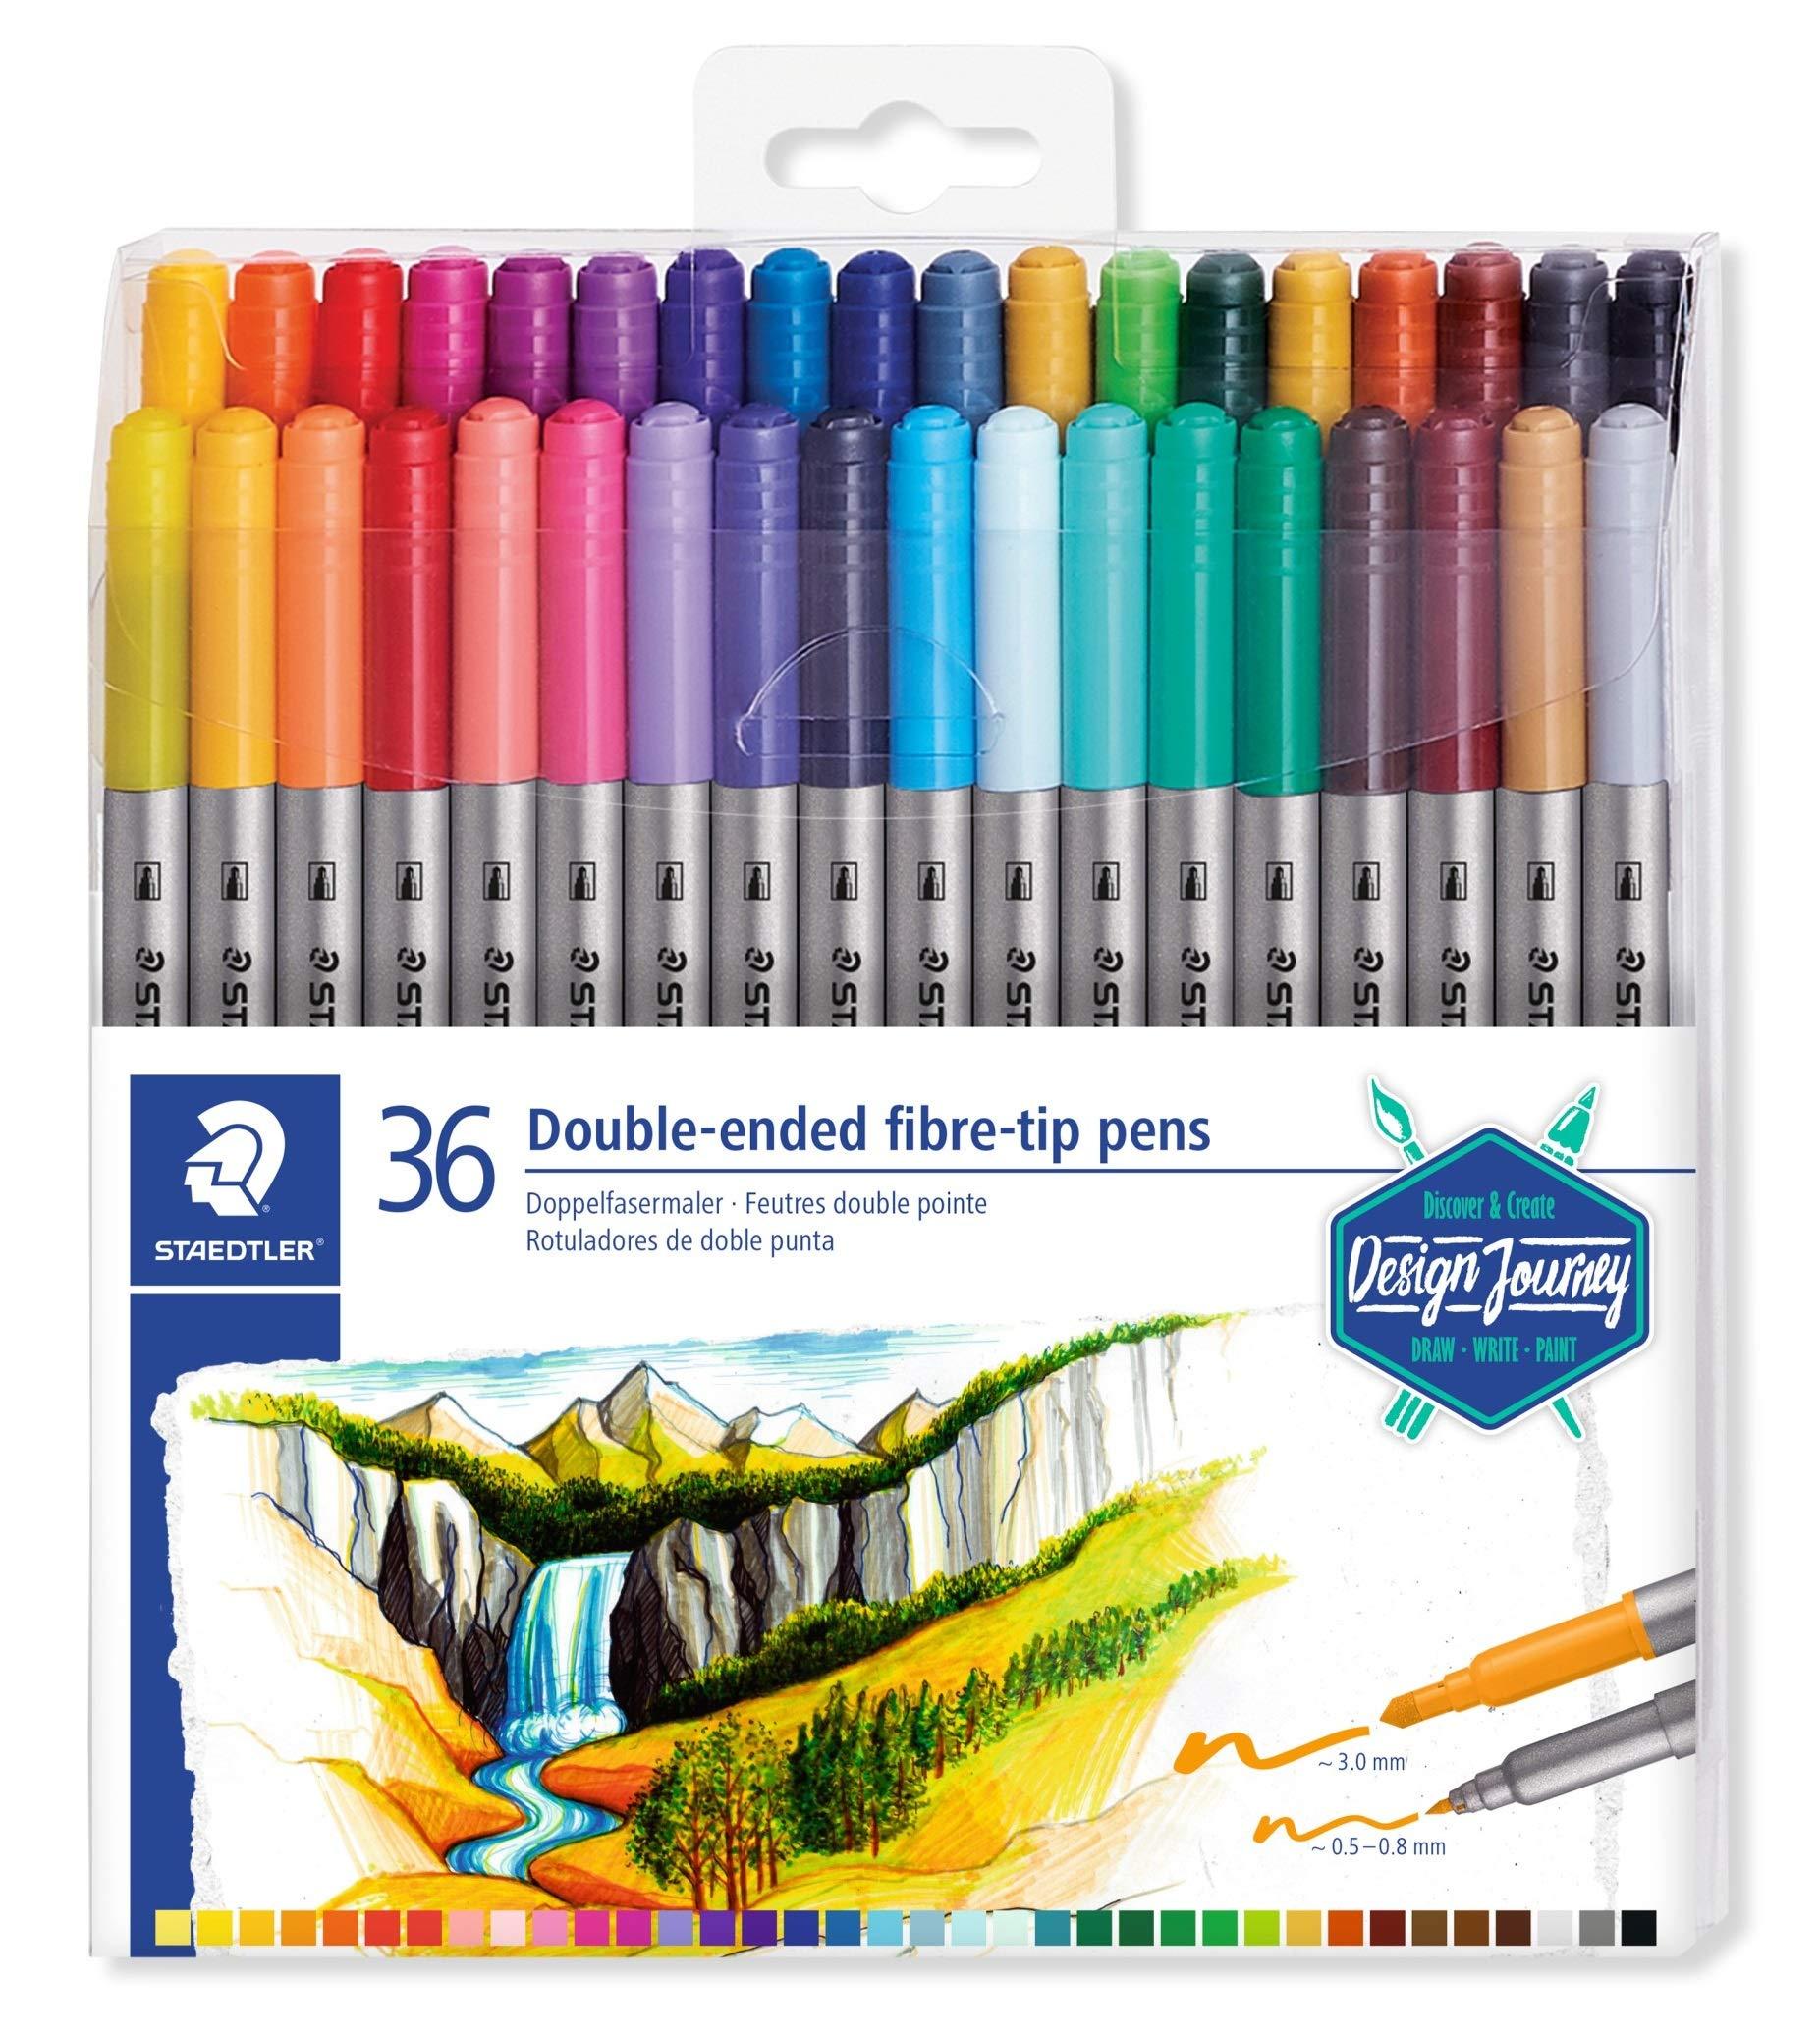 Staedtler 3200 Journey Design Set of 36 Felt-Tip Pens Double Tip 3.0 mm and 0.5 mm - 0.8 mm Assorted Colours